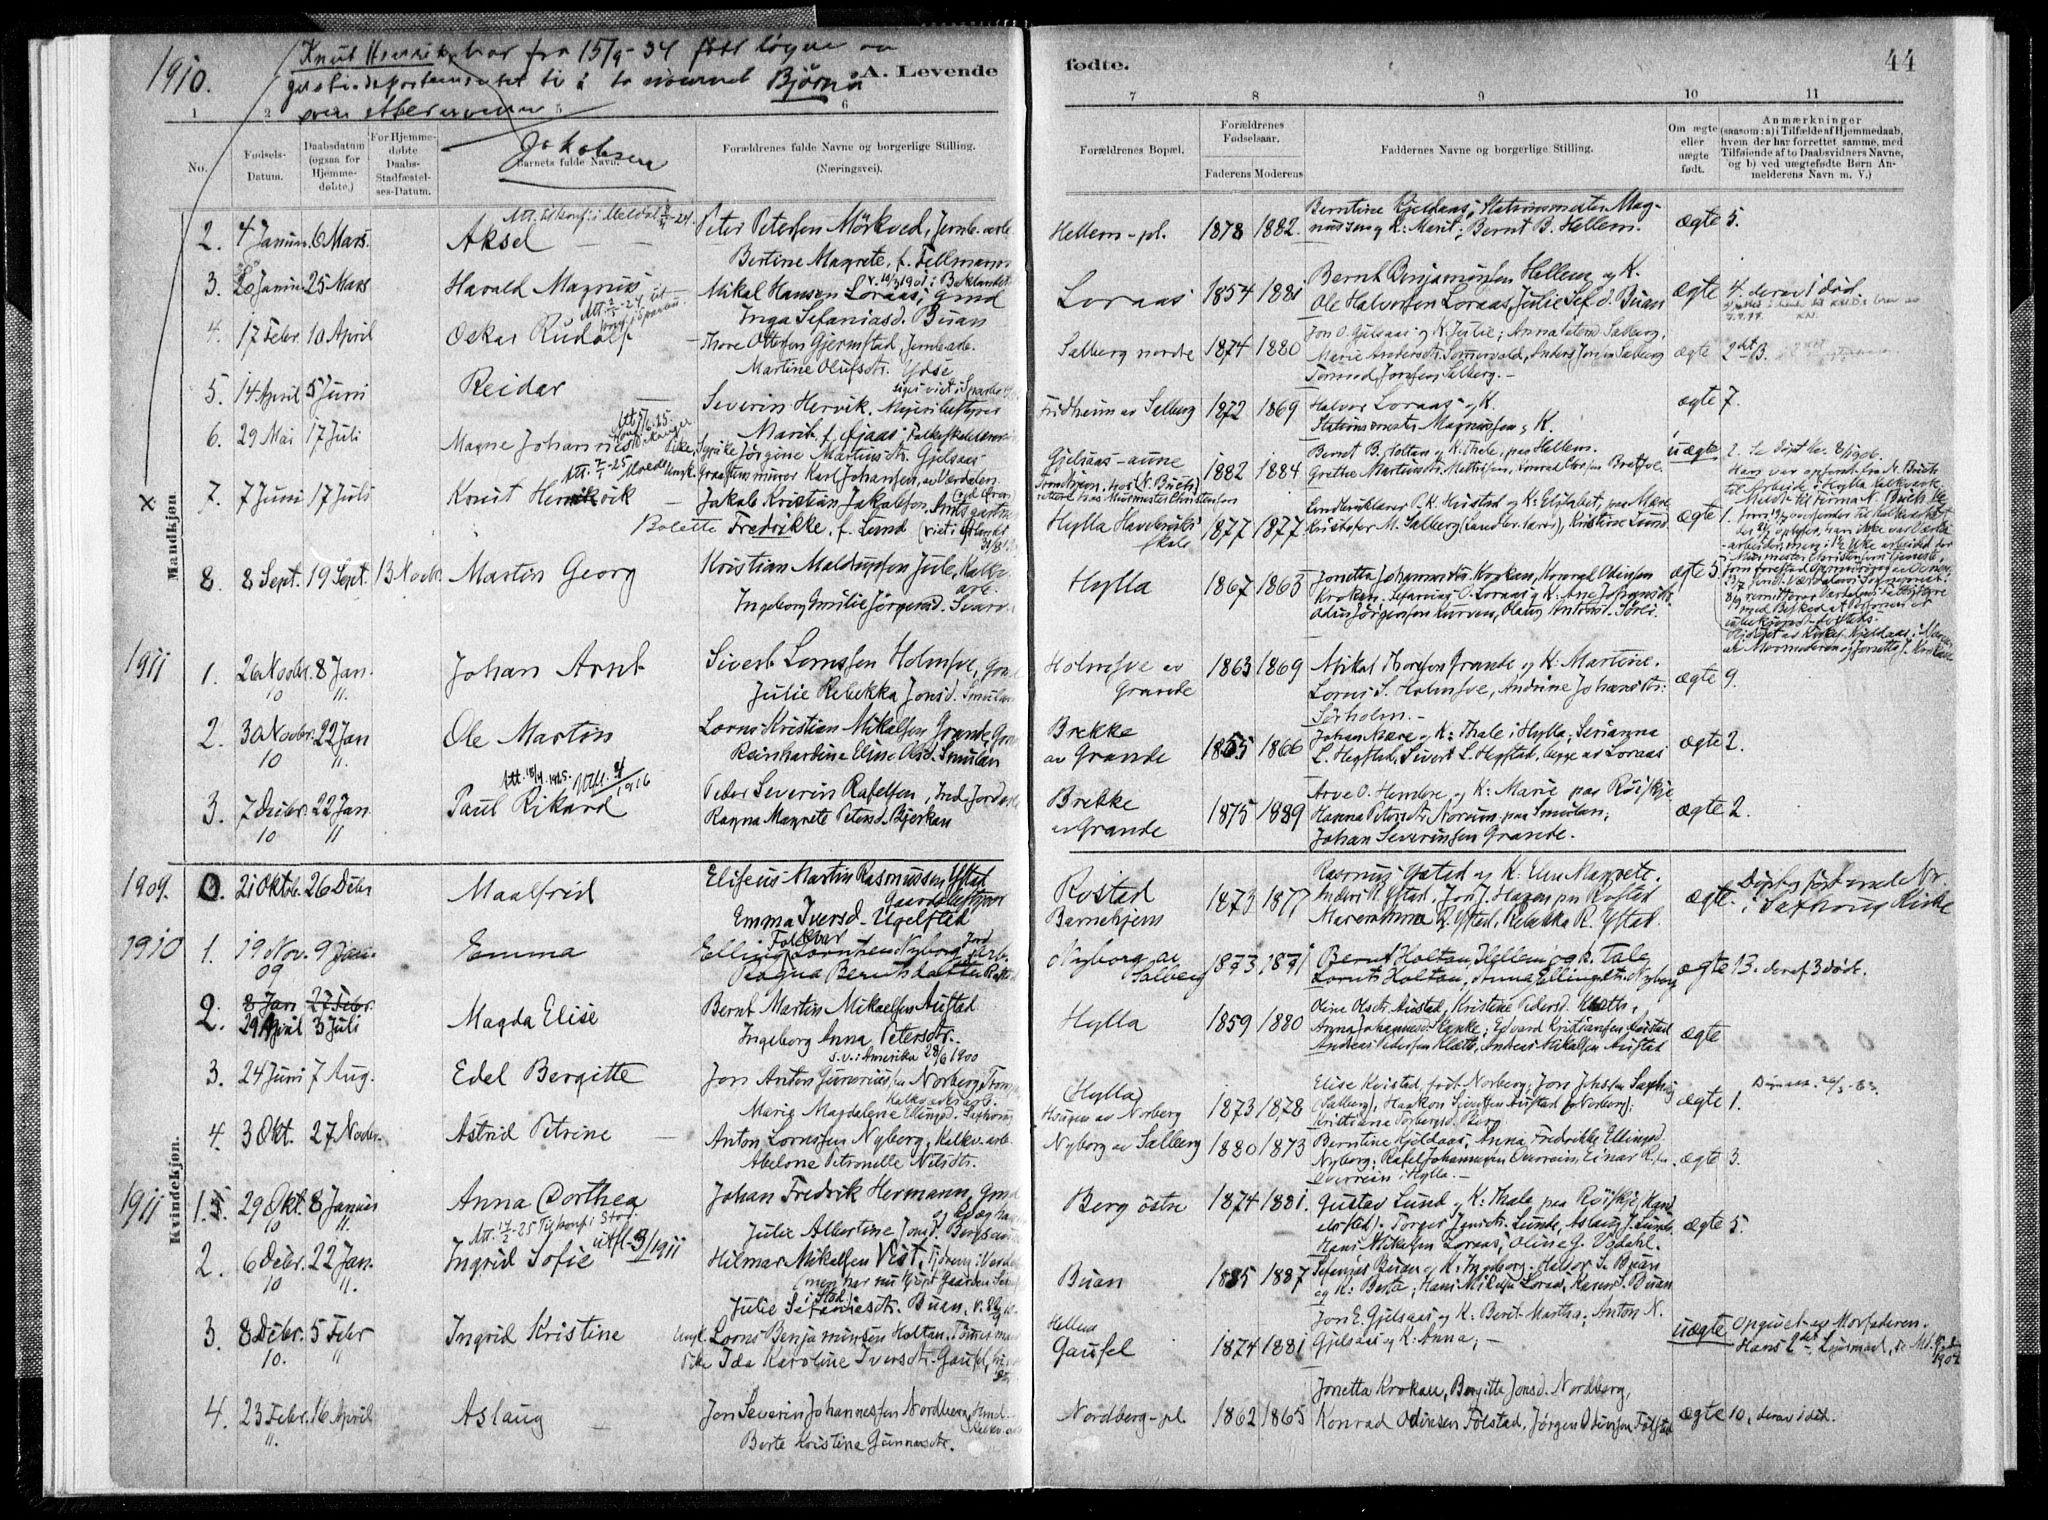 SAT, Ministerialprotokoller, klokkerbøker og fødselsregistre - Nord-Trøndelag, 731/L0309: Ministerialbok nr. 731A01, 1879-1918, s. 44